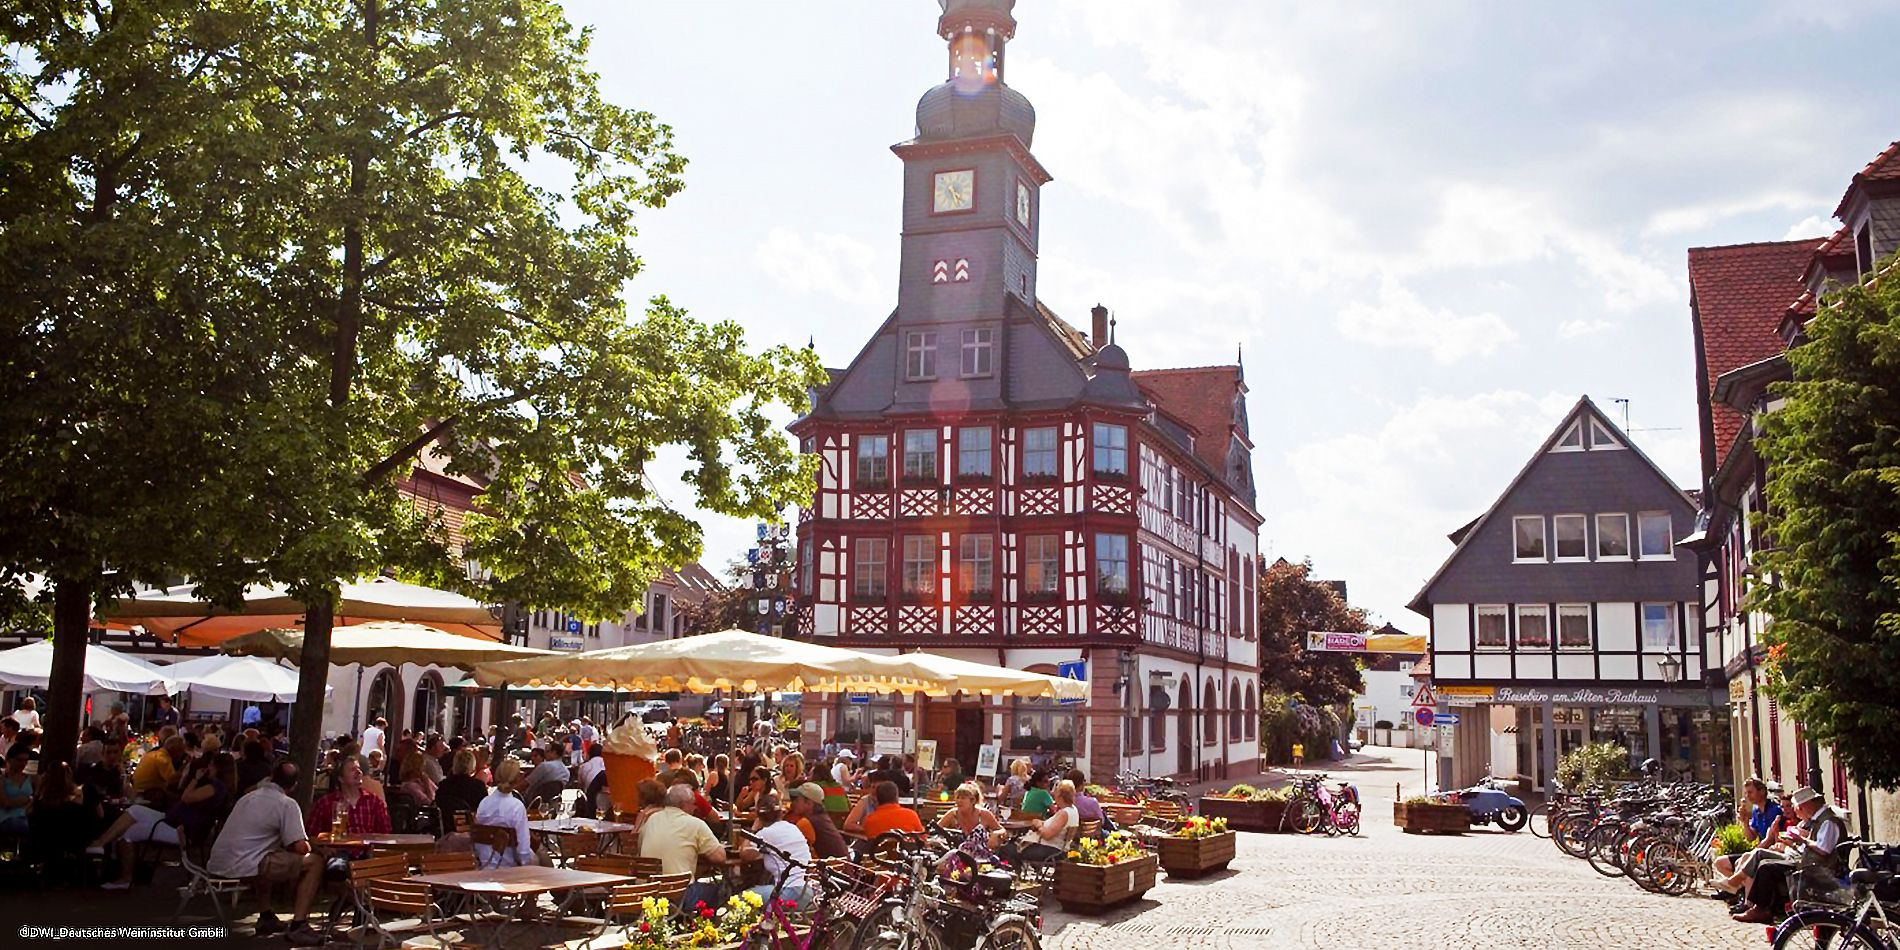 © DWI_Deutsches Weininstitut GmbH / Allemagne Tourisme